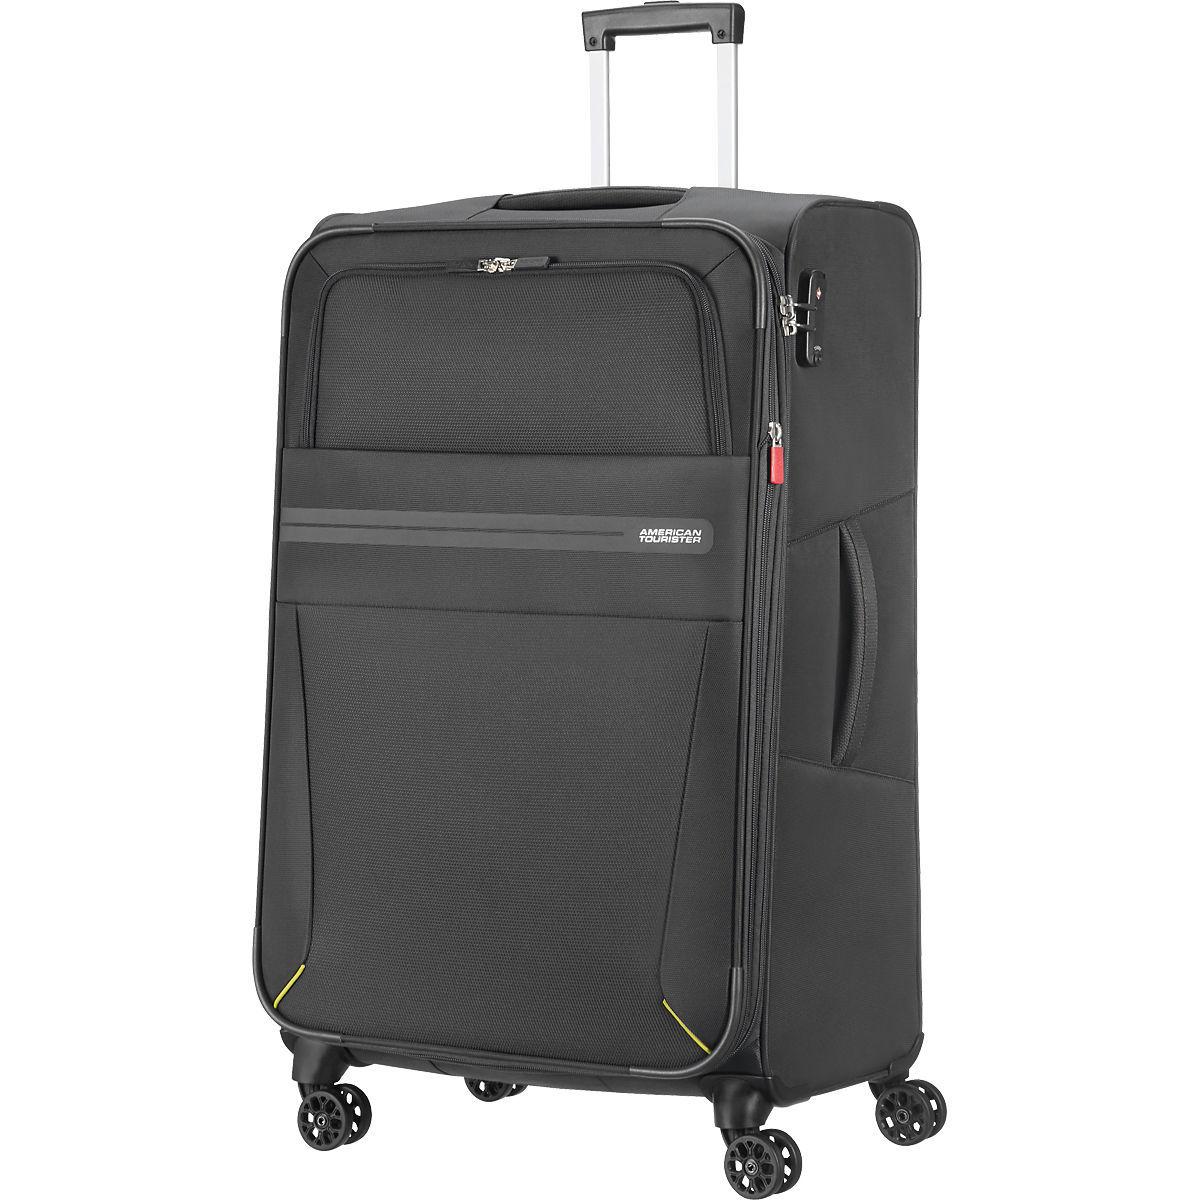 [Karstadt] Neuer Deal: American Tourister Summer Voyager 4-Rollen Handgepäckskoffer 36 Liter mit Filialabholung